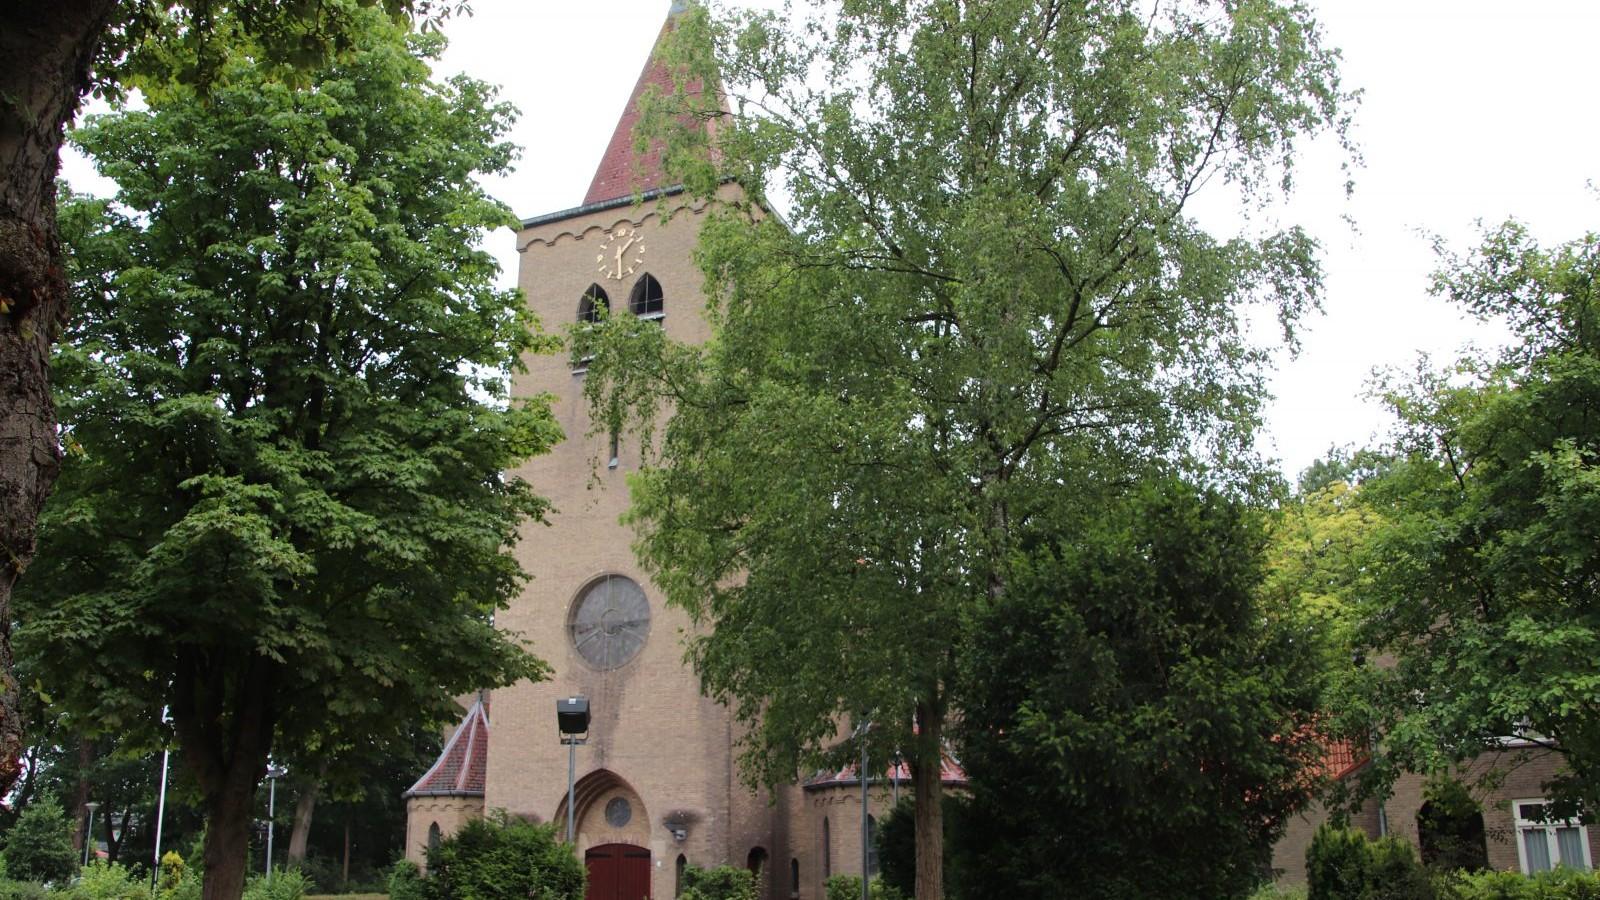 Kerk_SoestZuid_Familiekerk (115)